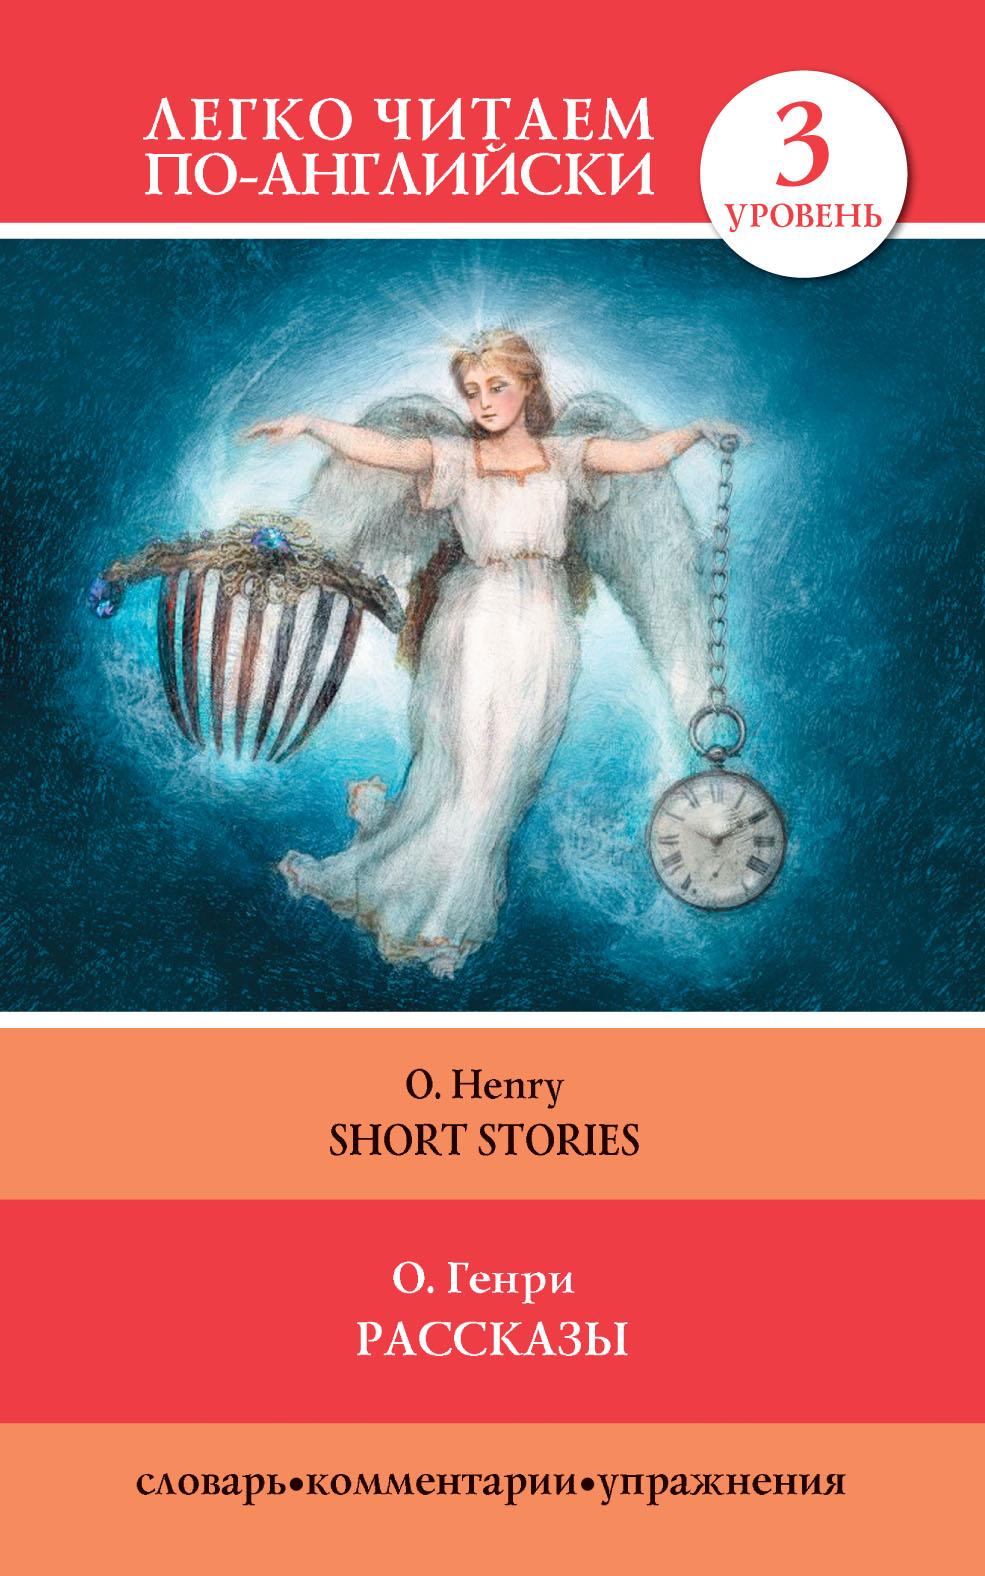 О. Генри Рассказы / Short Stories о генри 100 valitud novelli 3 raamat